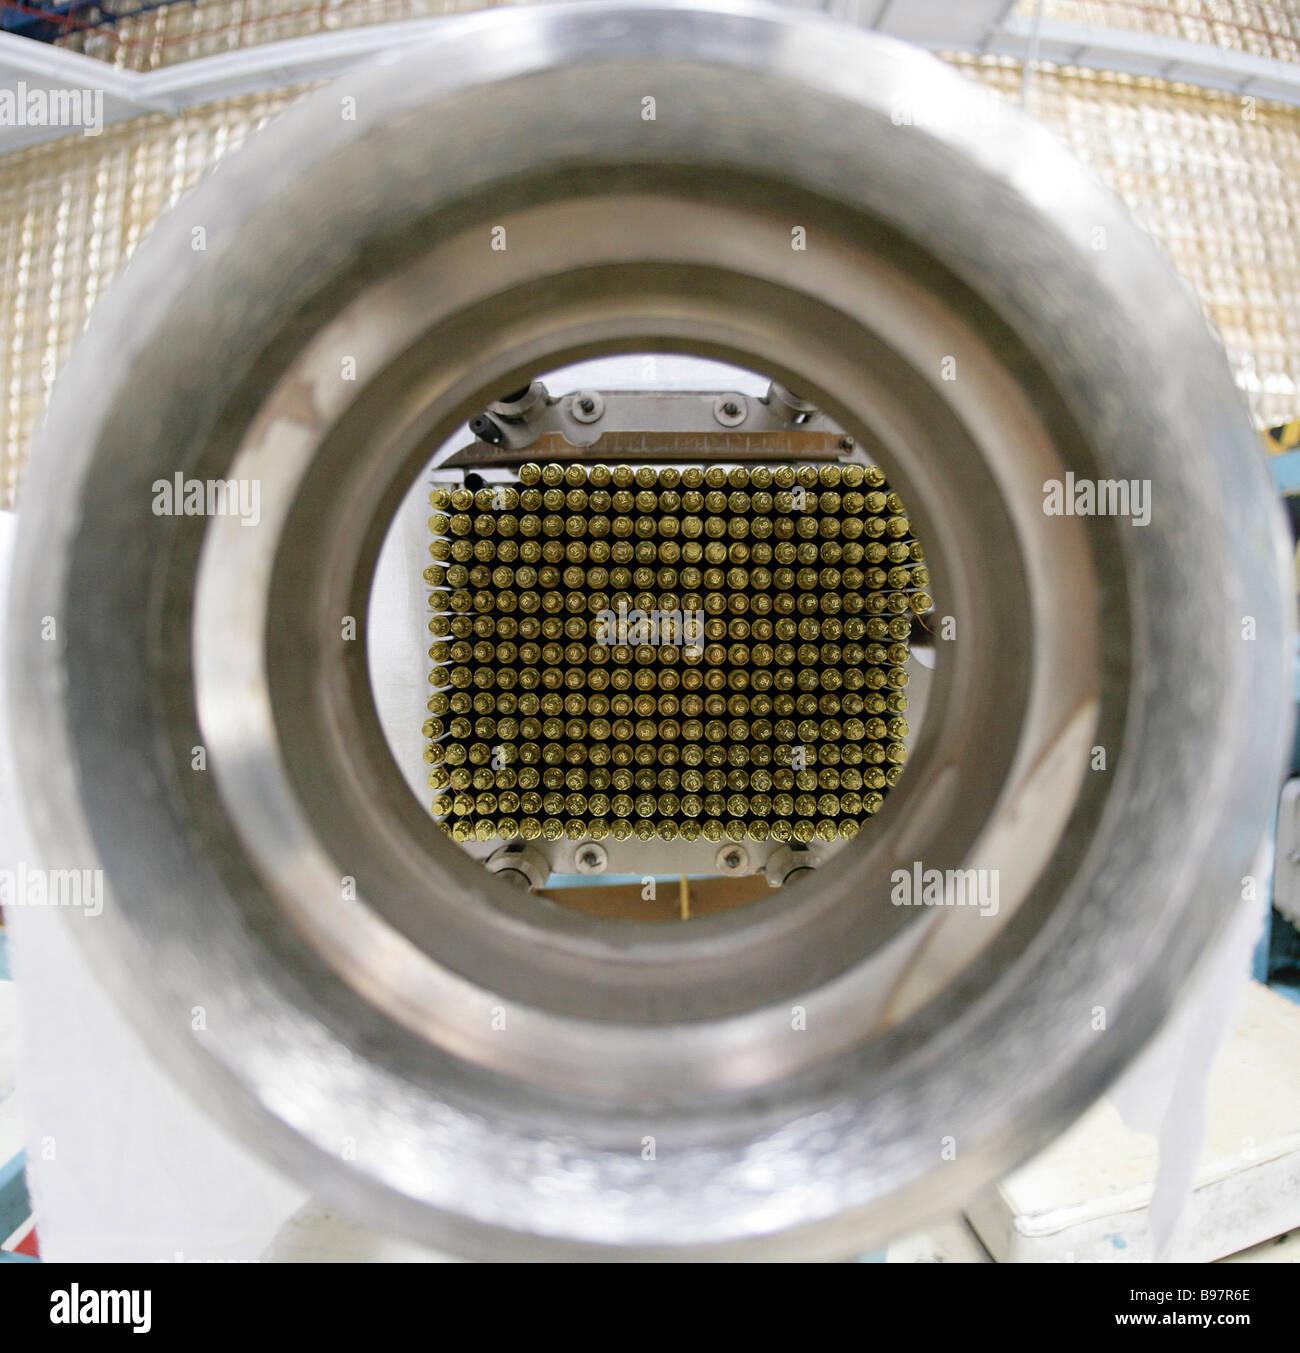 Gli elementi di combustibile per centrali nucleari producono di Novosibirsk concentrato chimico impianto Immagini Stock